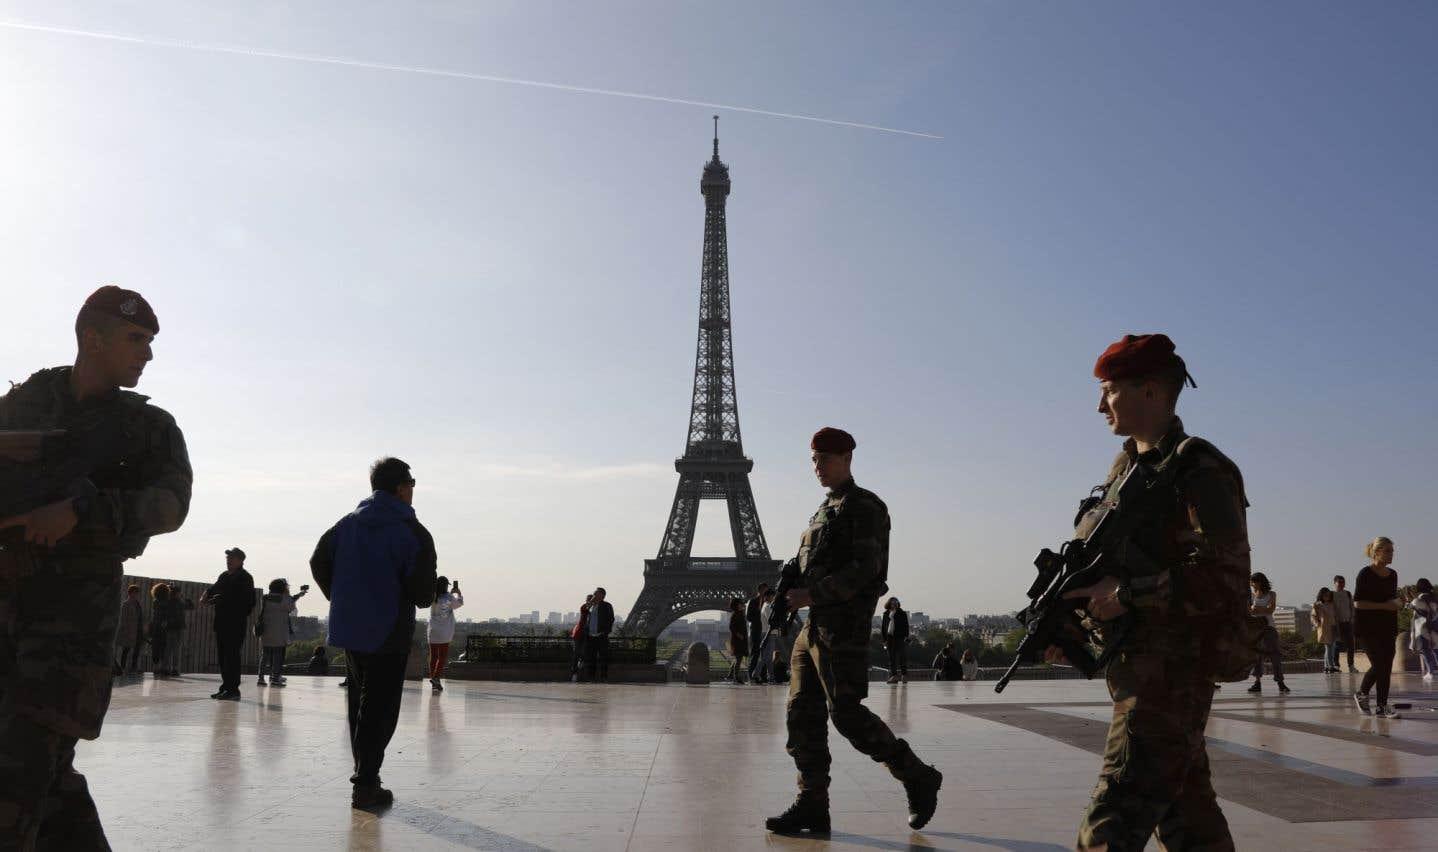 L'opération Sentinelle mobilise 7000 soldats en permanence sur le territoire français.